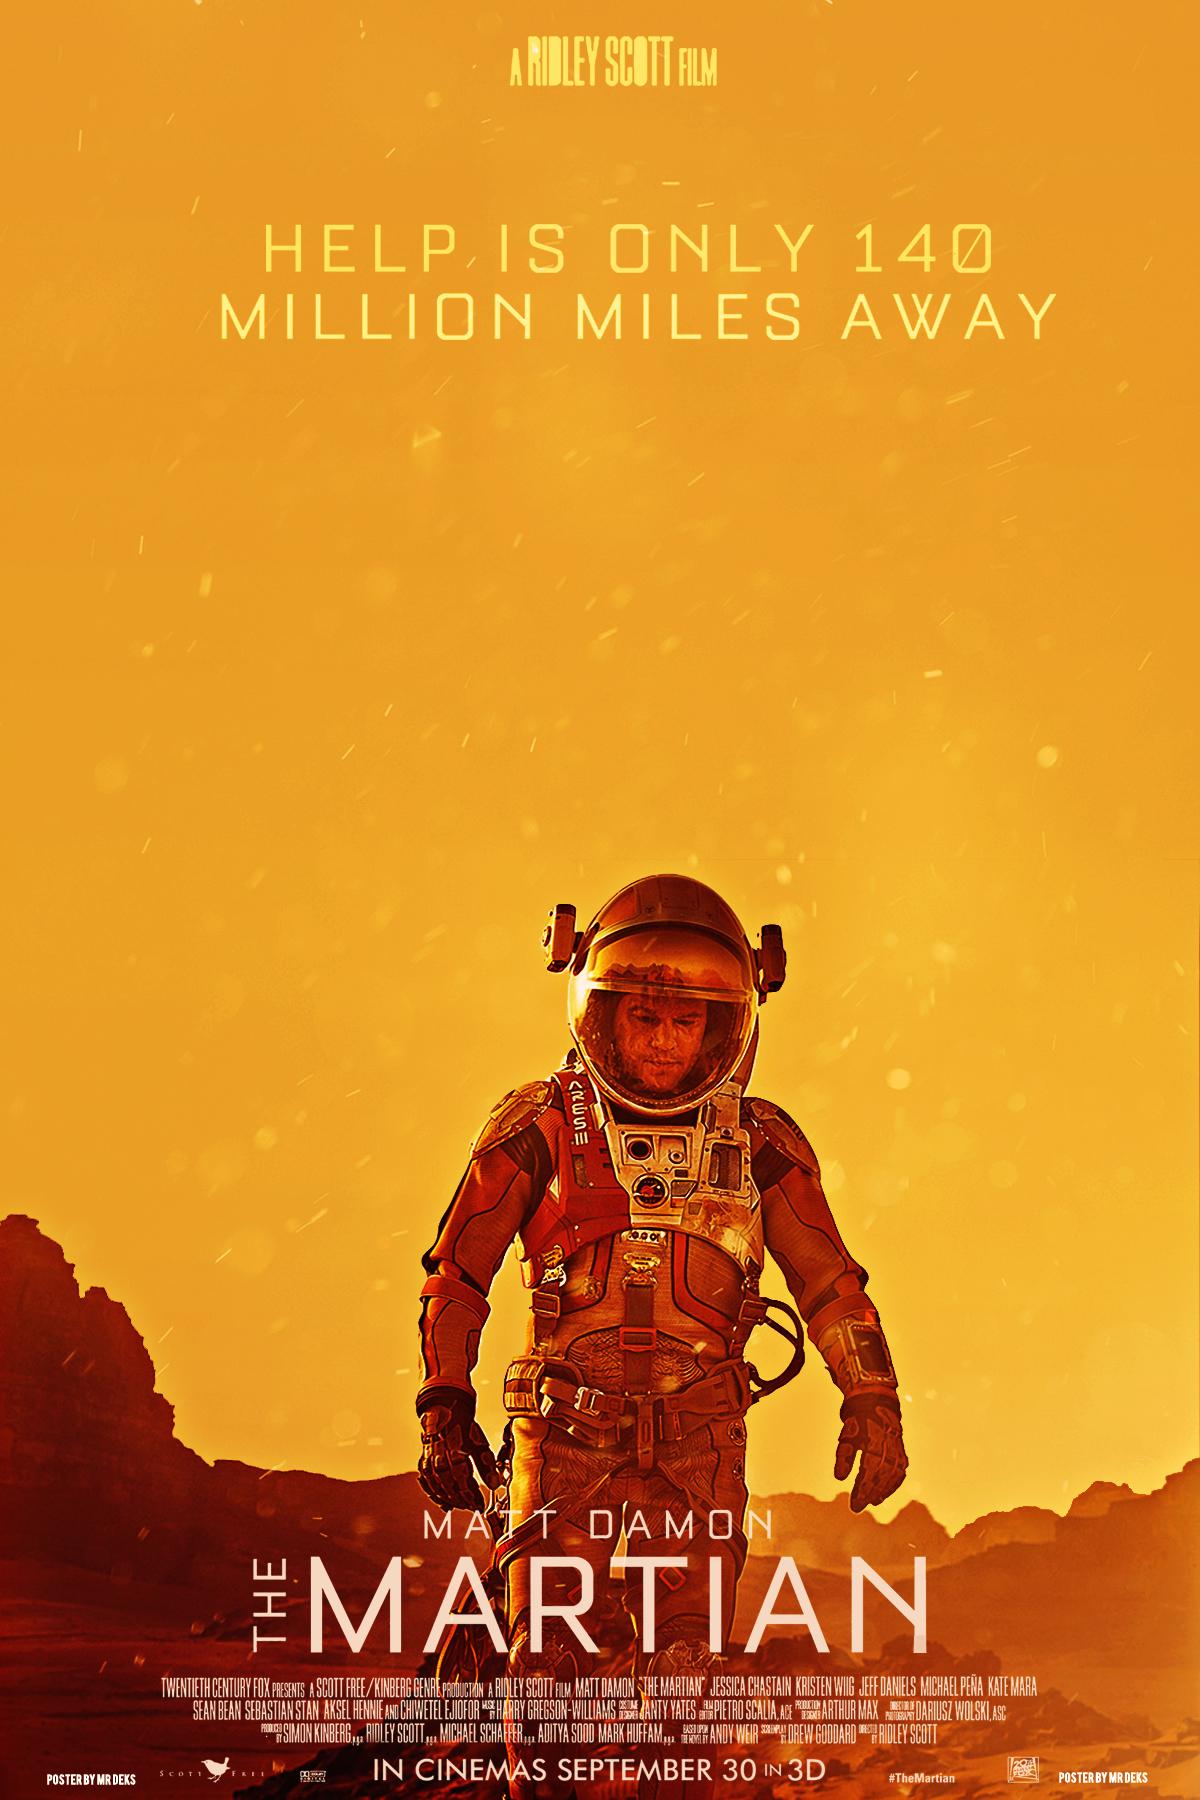 The Martian - Poster (2015) by MrDeks on DeviantArt